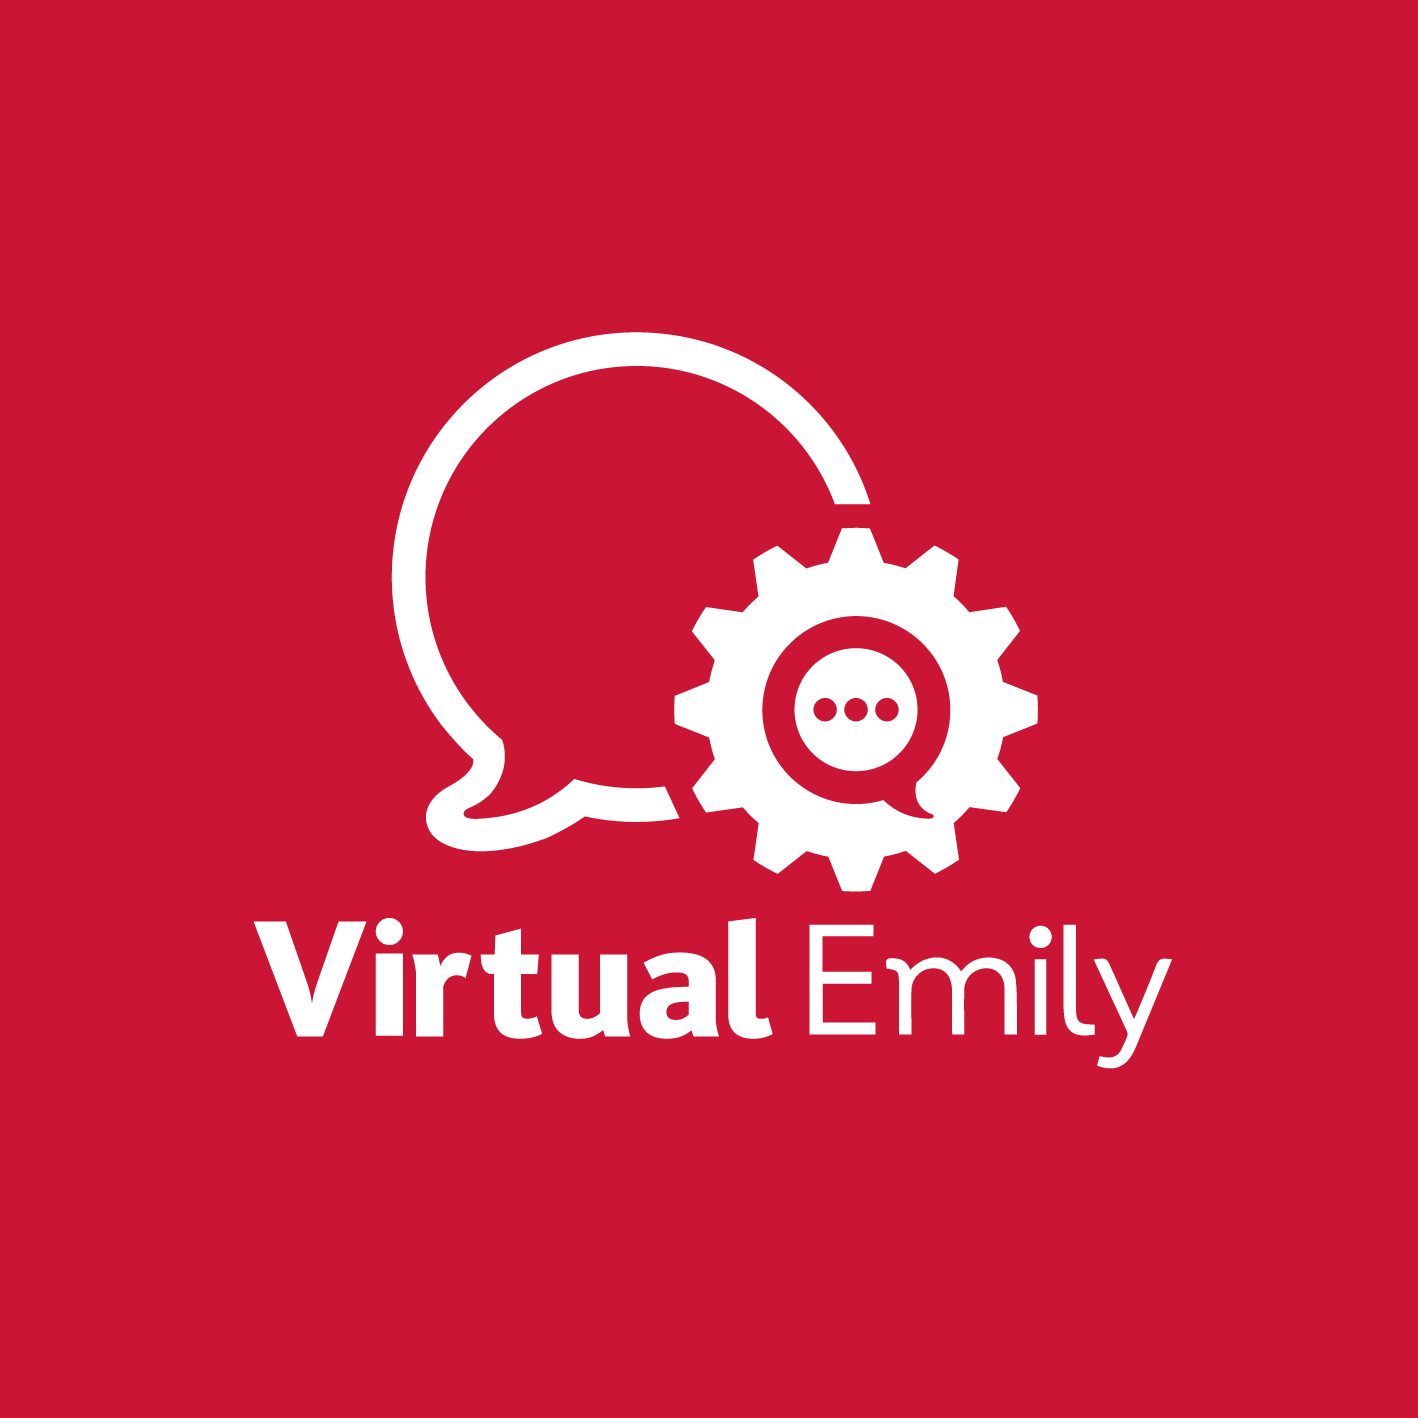 VirtualEmily